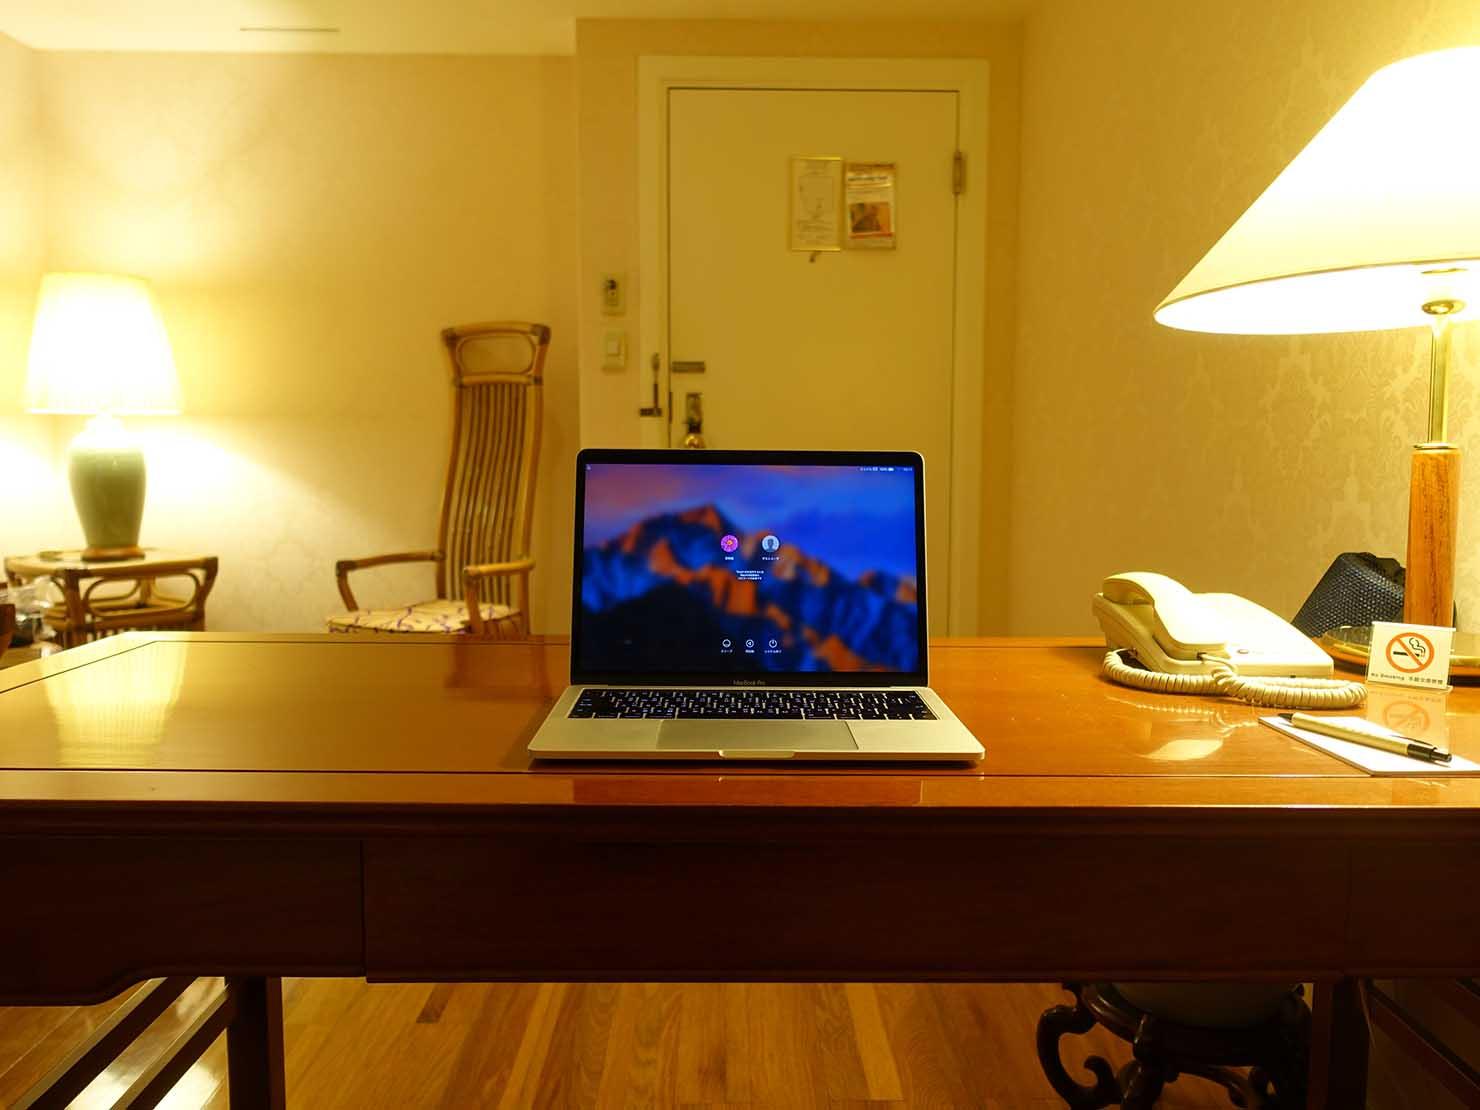 台北のおすすめ4つ星ホテル「歐華酒店(リビエラホテル)」エグゼクティブダブルルームのテーブル